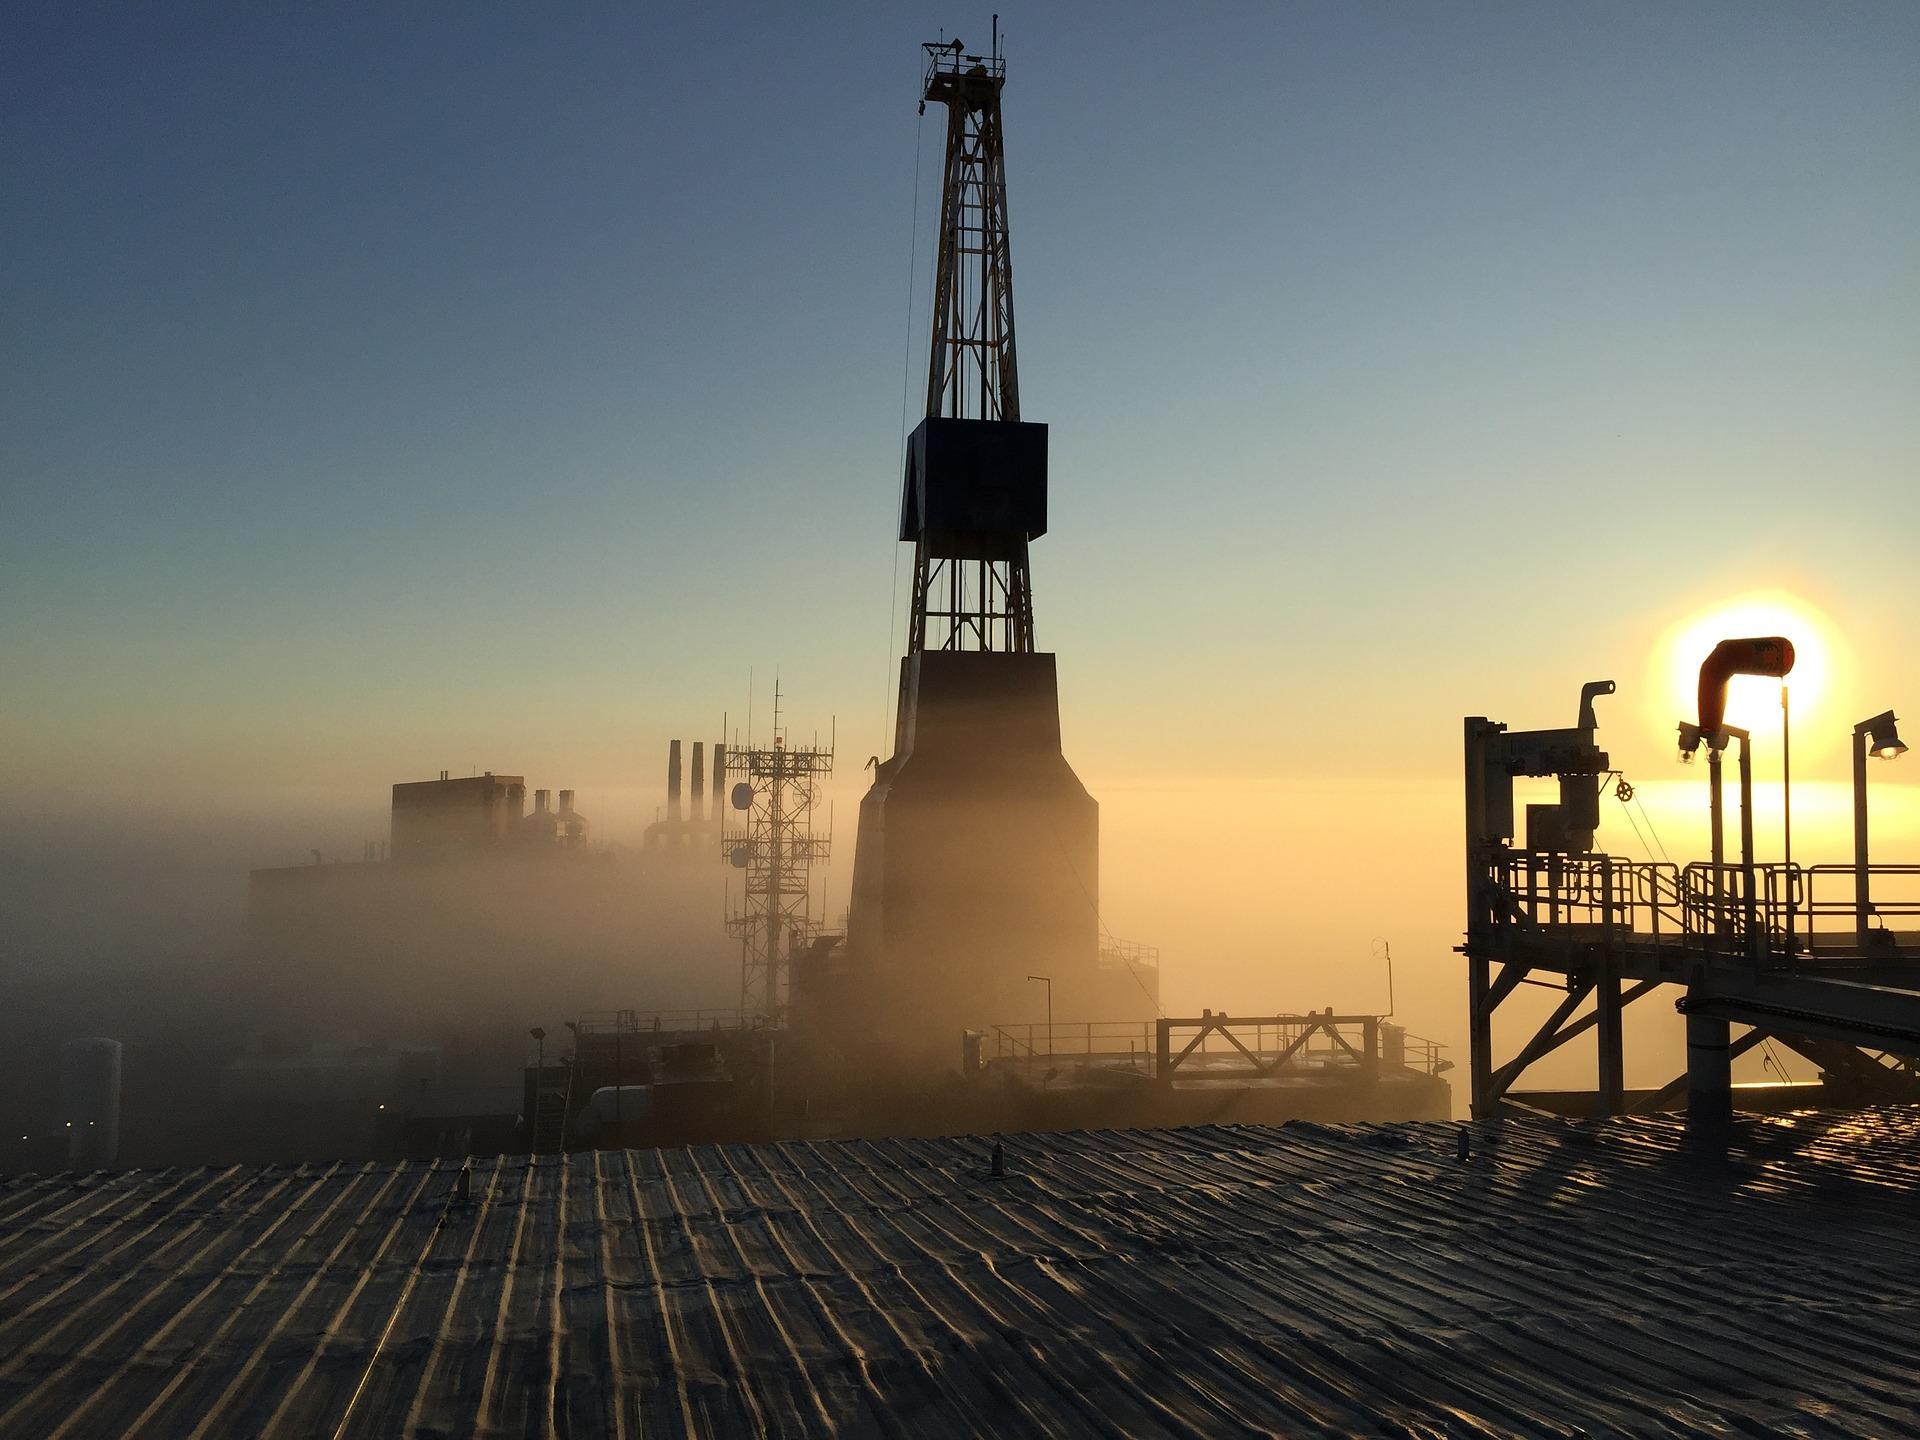 Bản tin thị trường năng lượng ngày 25/8: Thời tiết bất lợi tại vịnh Mexico đưa giá dầu thô tăng trở lại - Ảnh 1.